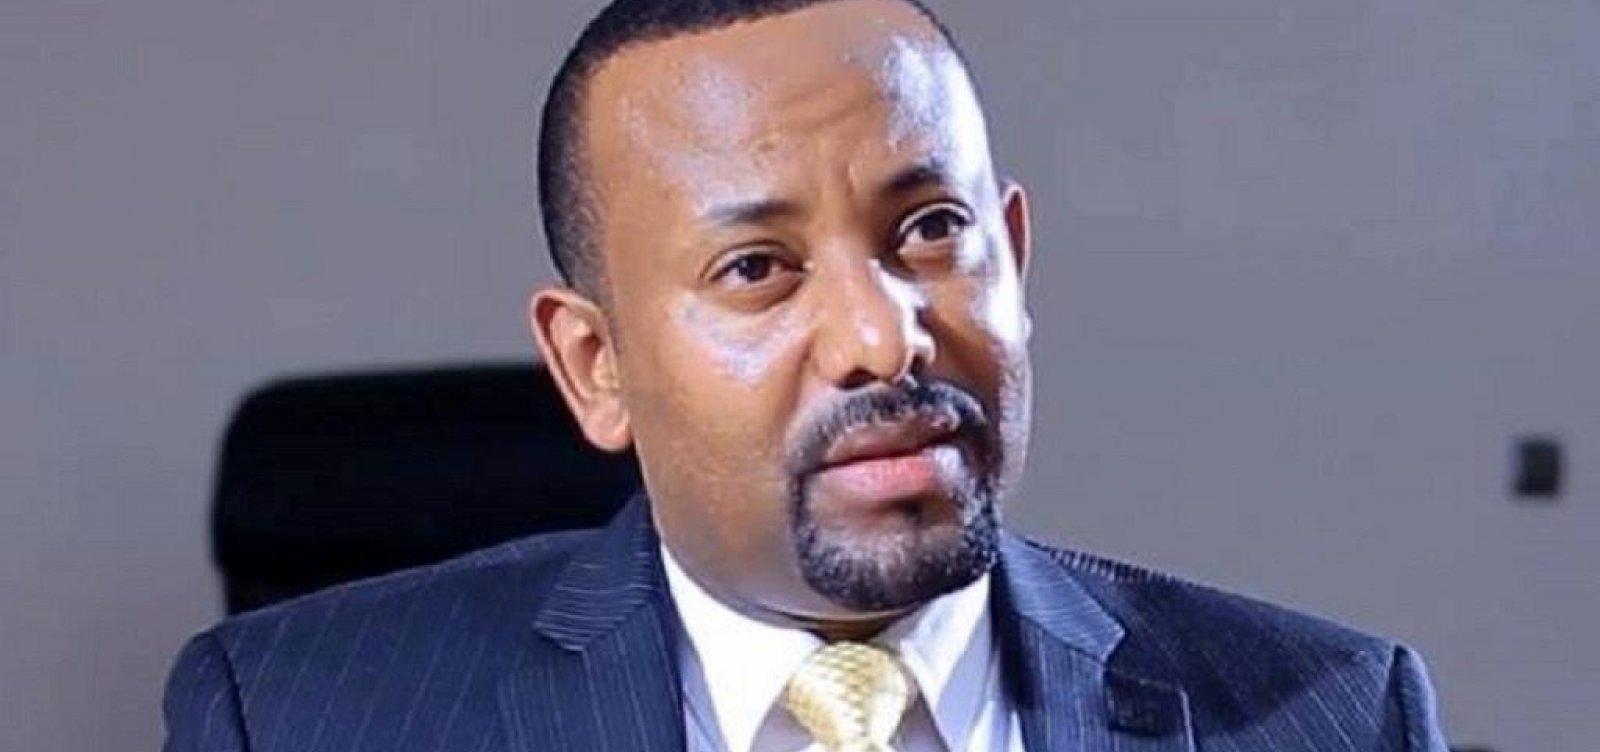 [Primeiro ministro da Etiópia recebe Prêmio Nobel da Paz]